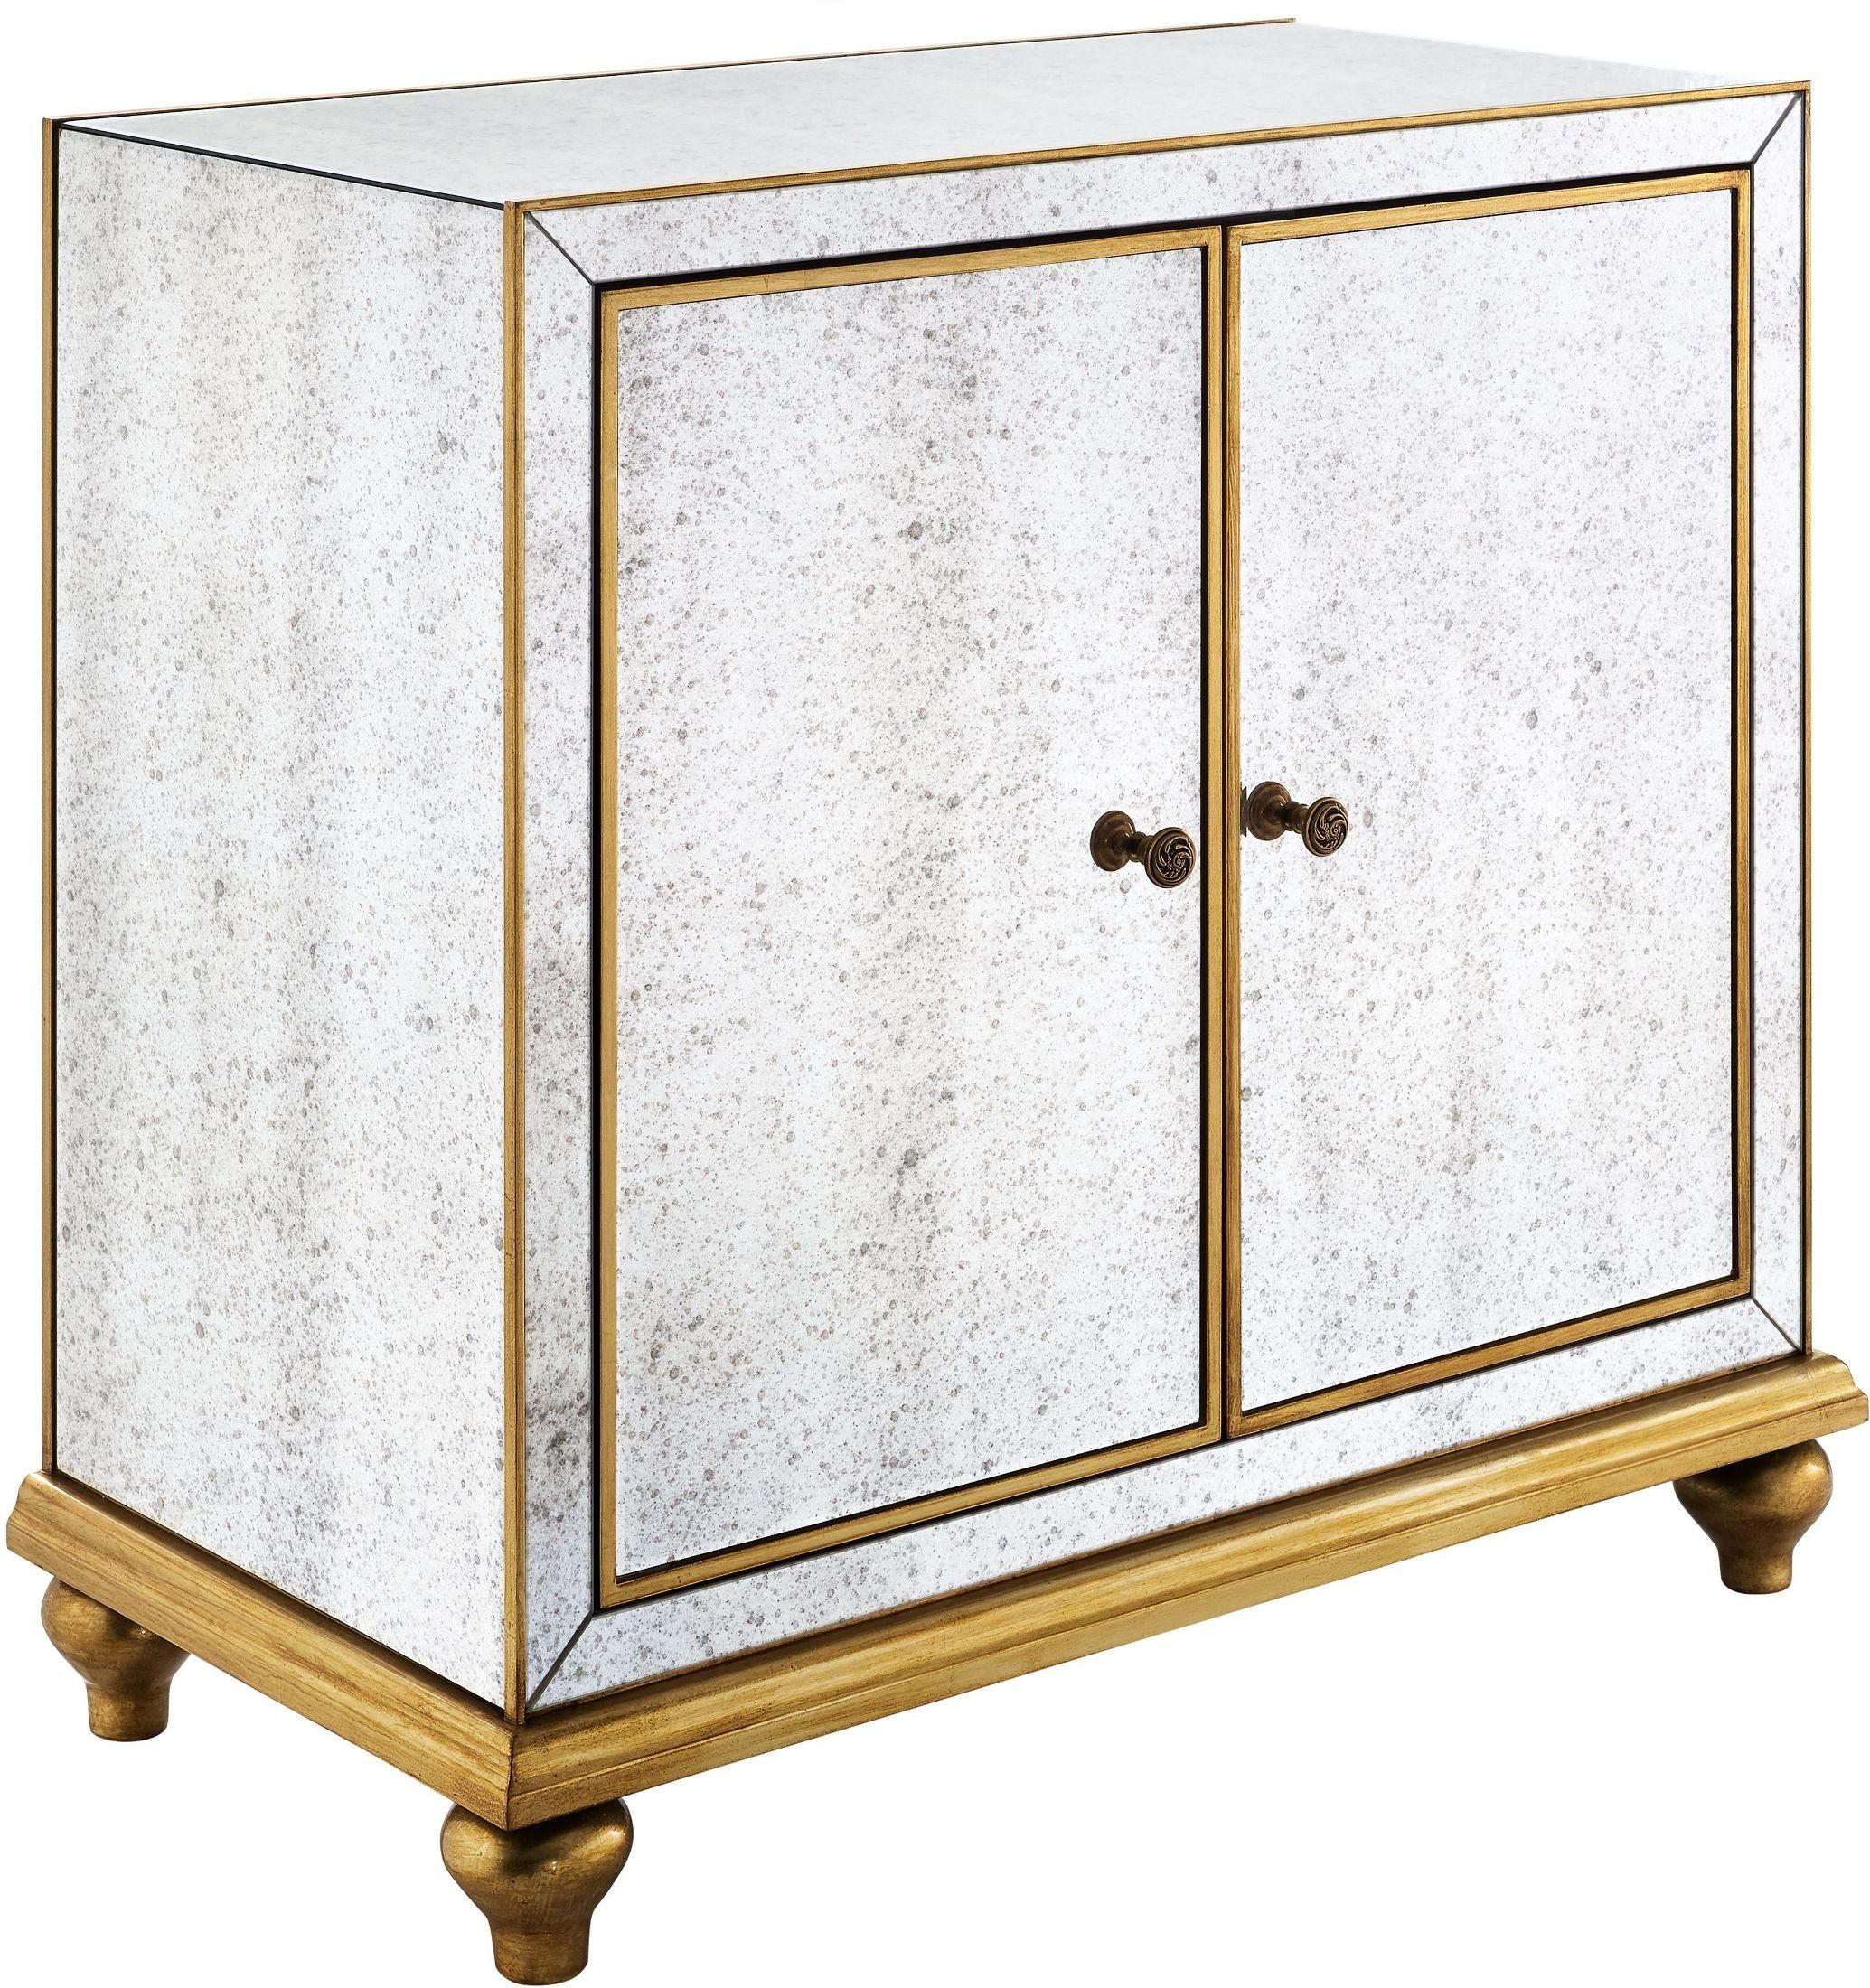 Antique Mirrored Wine Door Cabinet from Pulaski | Coleman ...